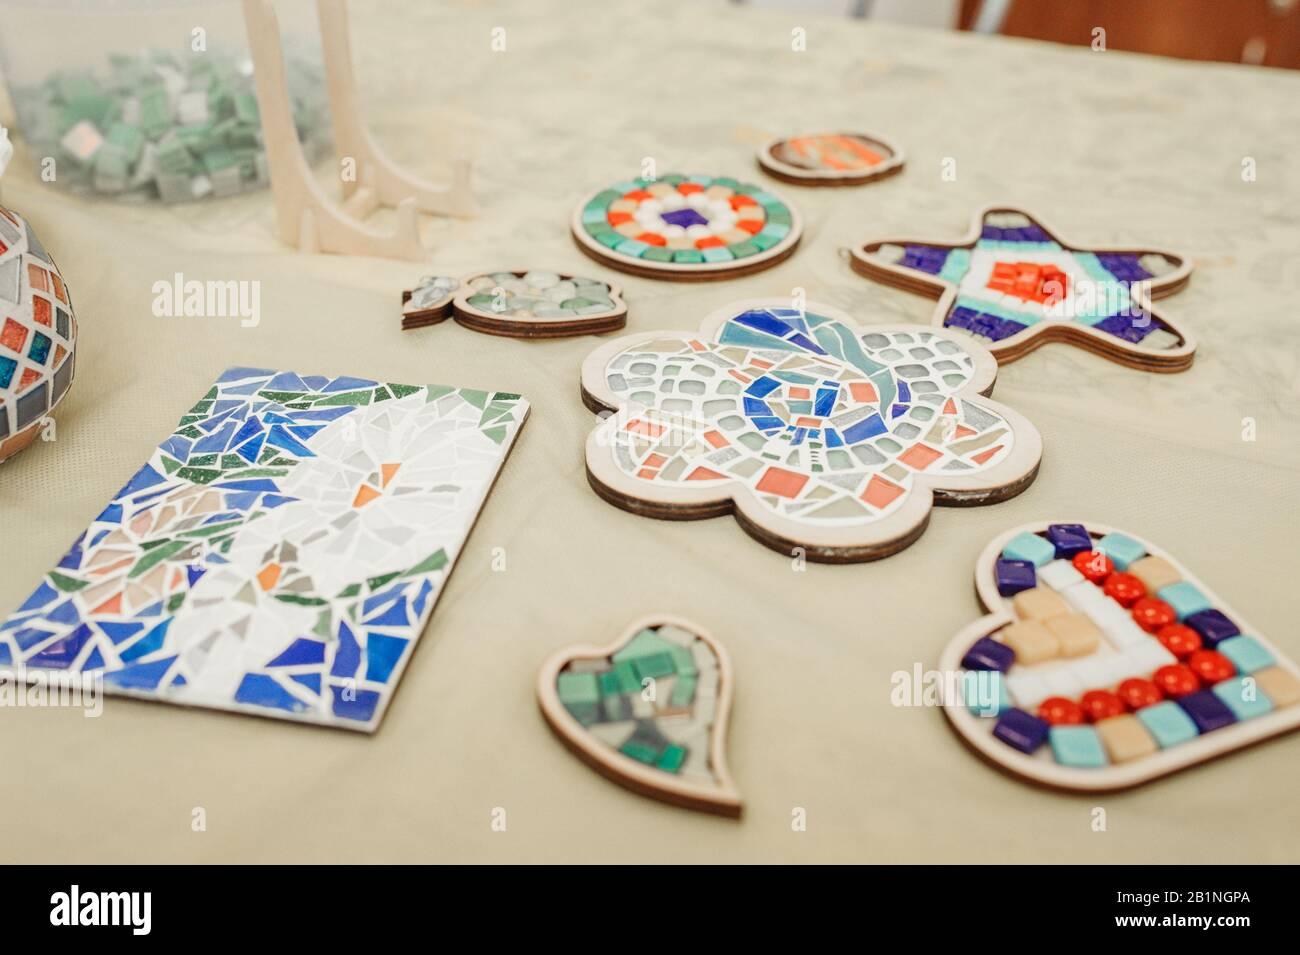 Sono però pur sempre oggetti artigianali e per questo richiedono cura e amore. Hobby E Hobby Raccogliendo Dipinti E Oggetti Da Mosaici Di Ceramica Colorati In Piccoli Pezzi Foto Stock Alamy